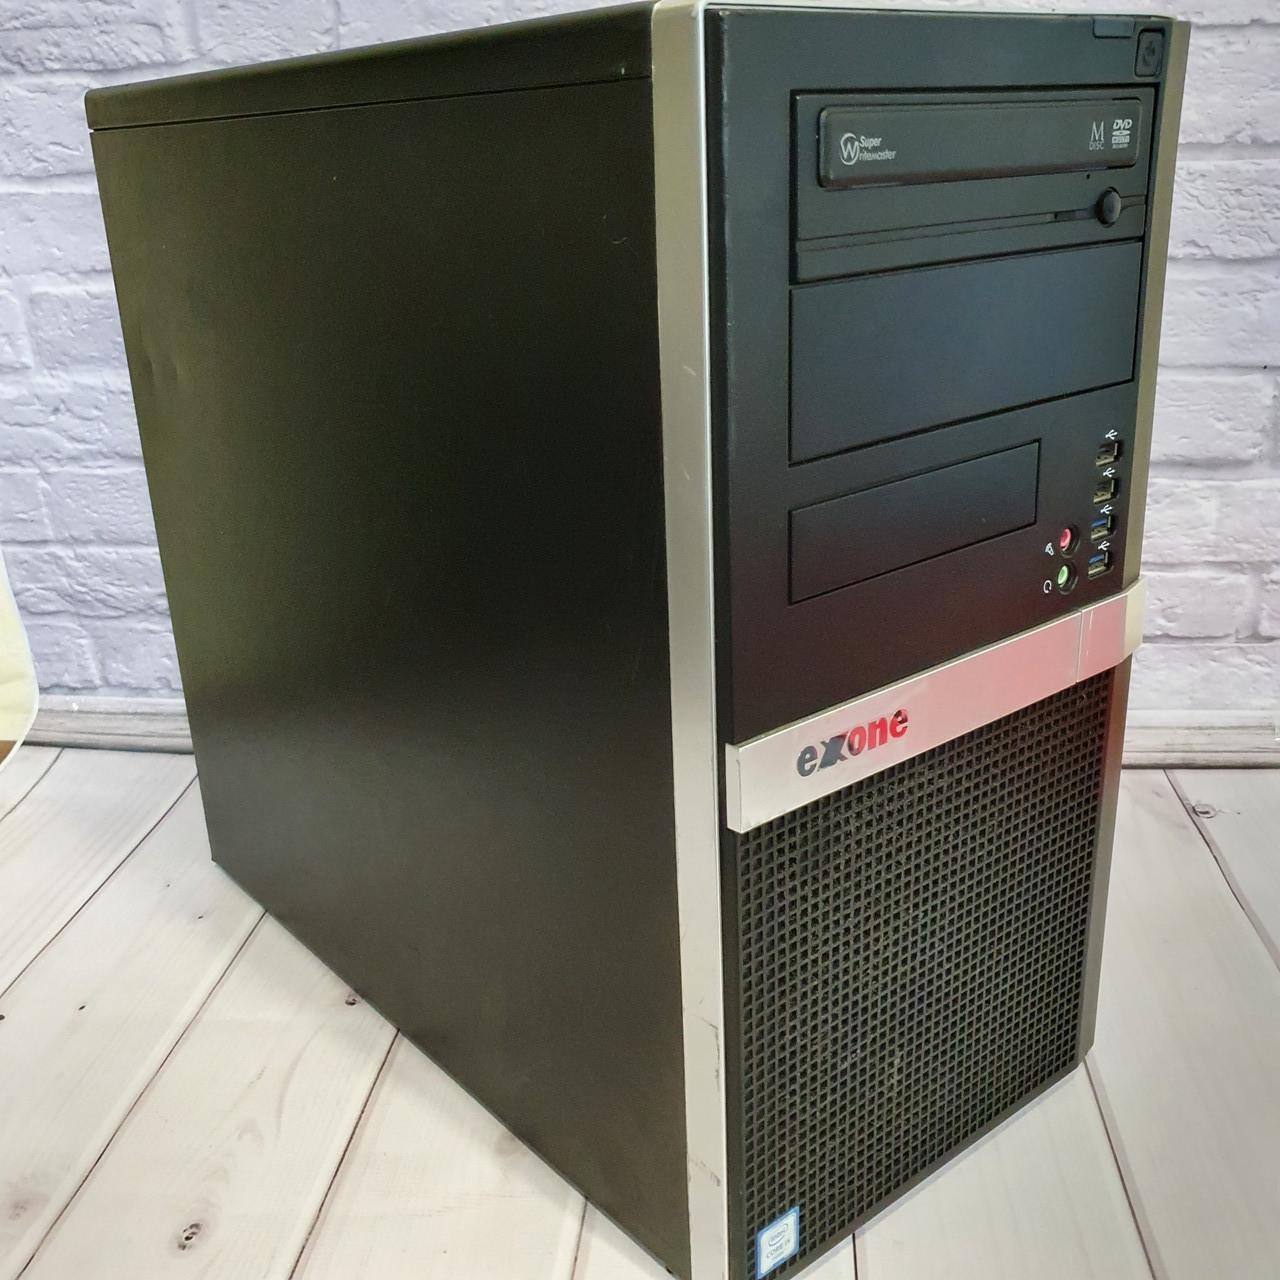 Системный блок Game Edition  Game (Intel Core i5-6500 4x3.60Ghz/8Gb DDR4/SSD 120Gb/GTX 680 2 Gb GDDR5))